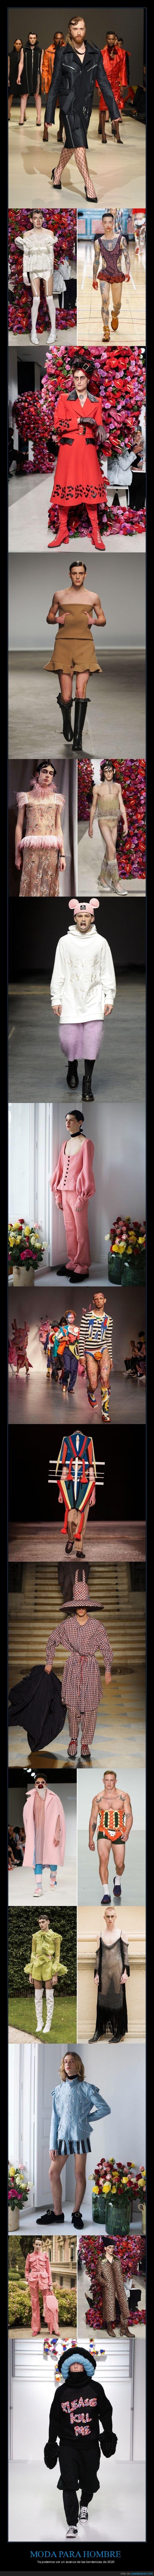 2020,hombres,moda,wtf